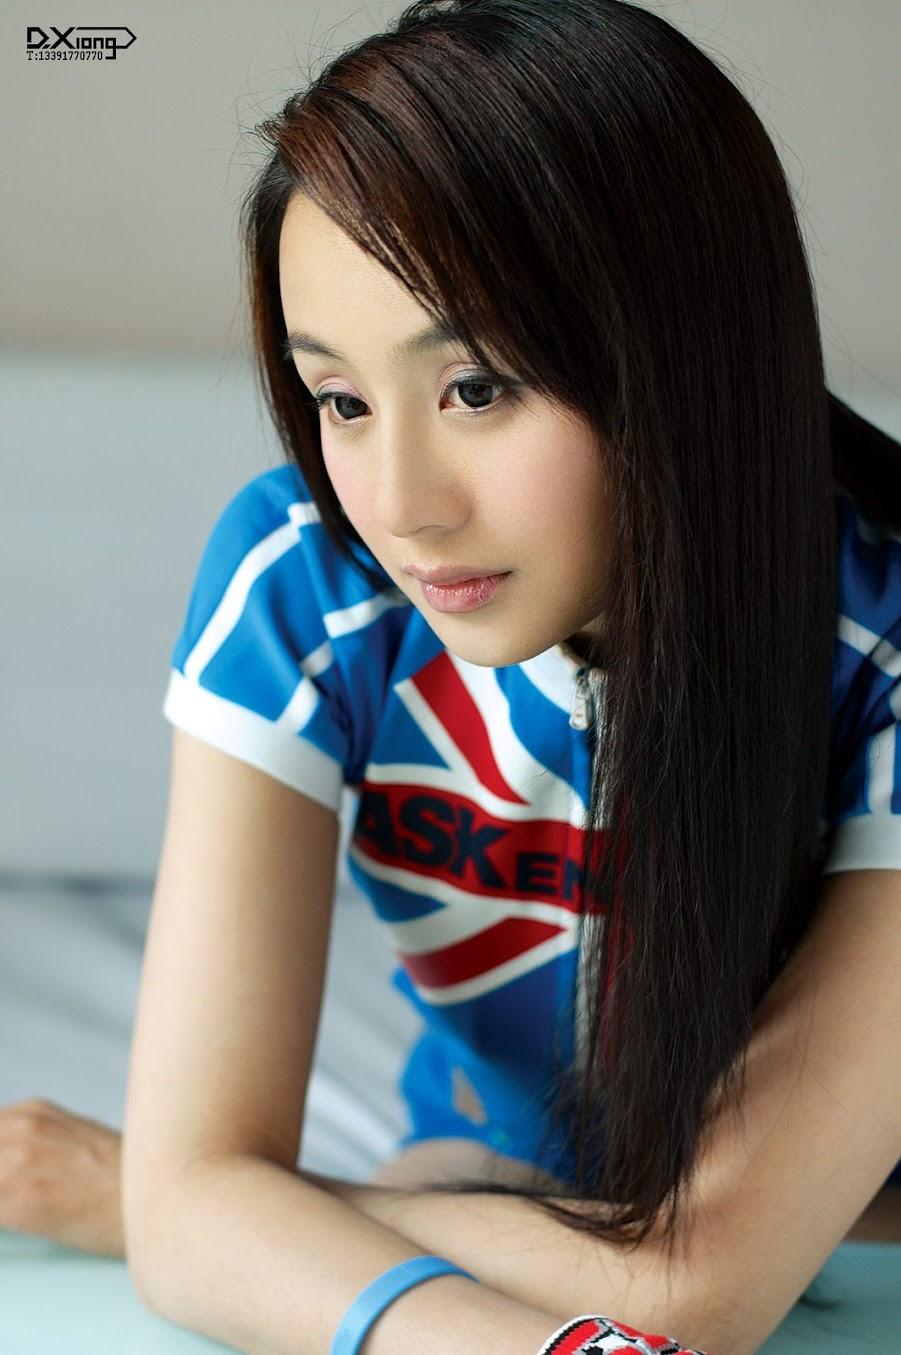 Cao Ying